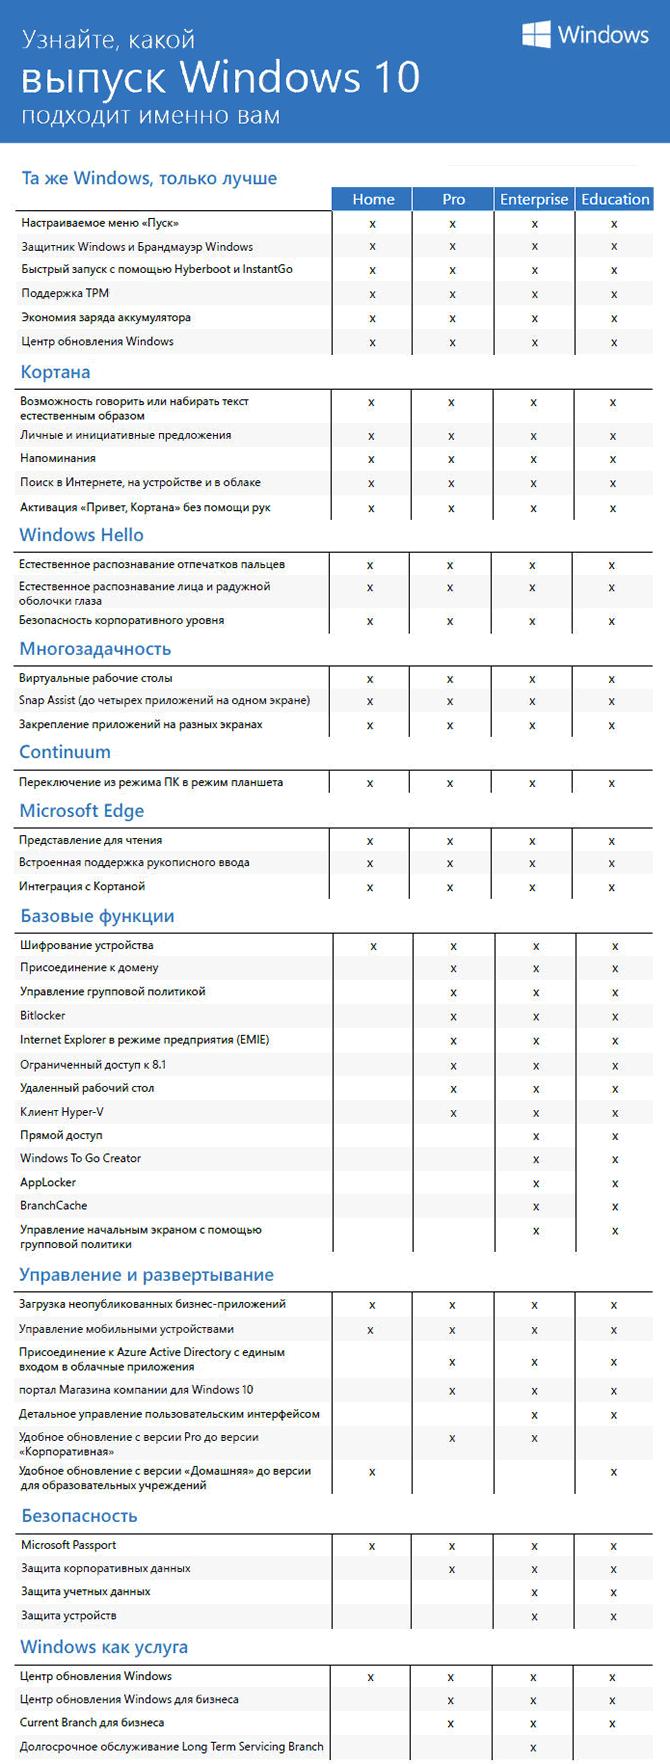 Сравнительная таблица различных редакций Windows 10